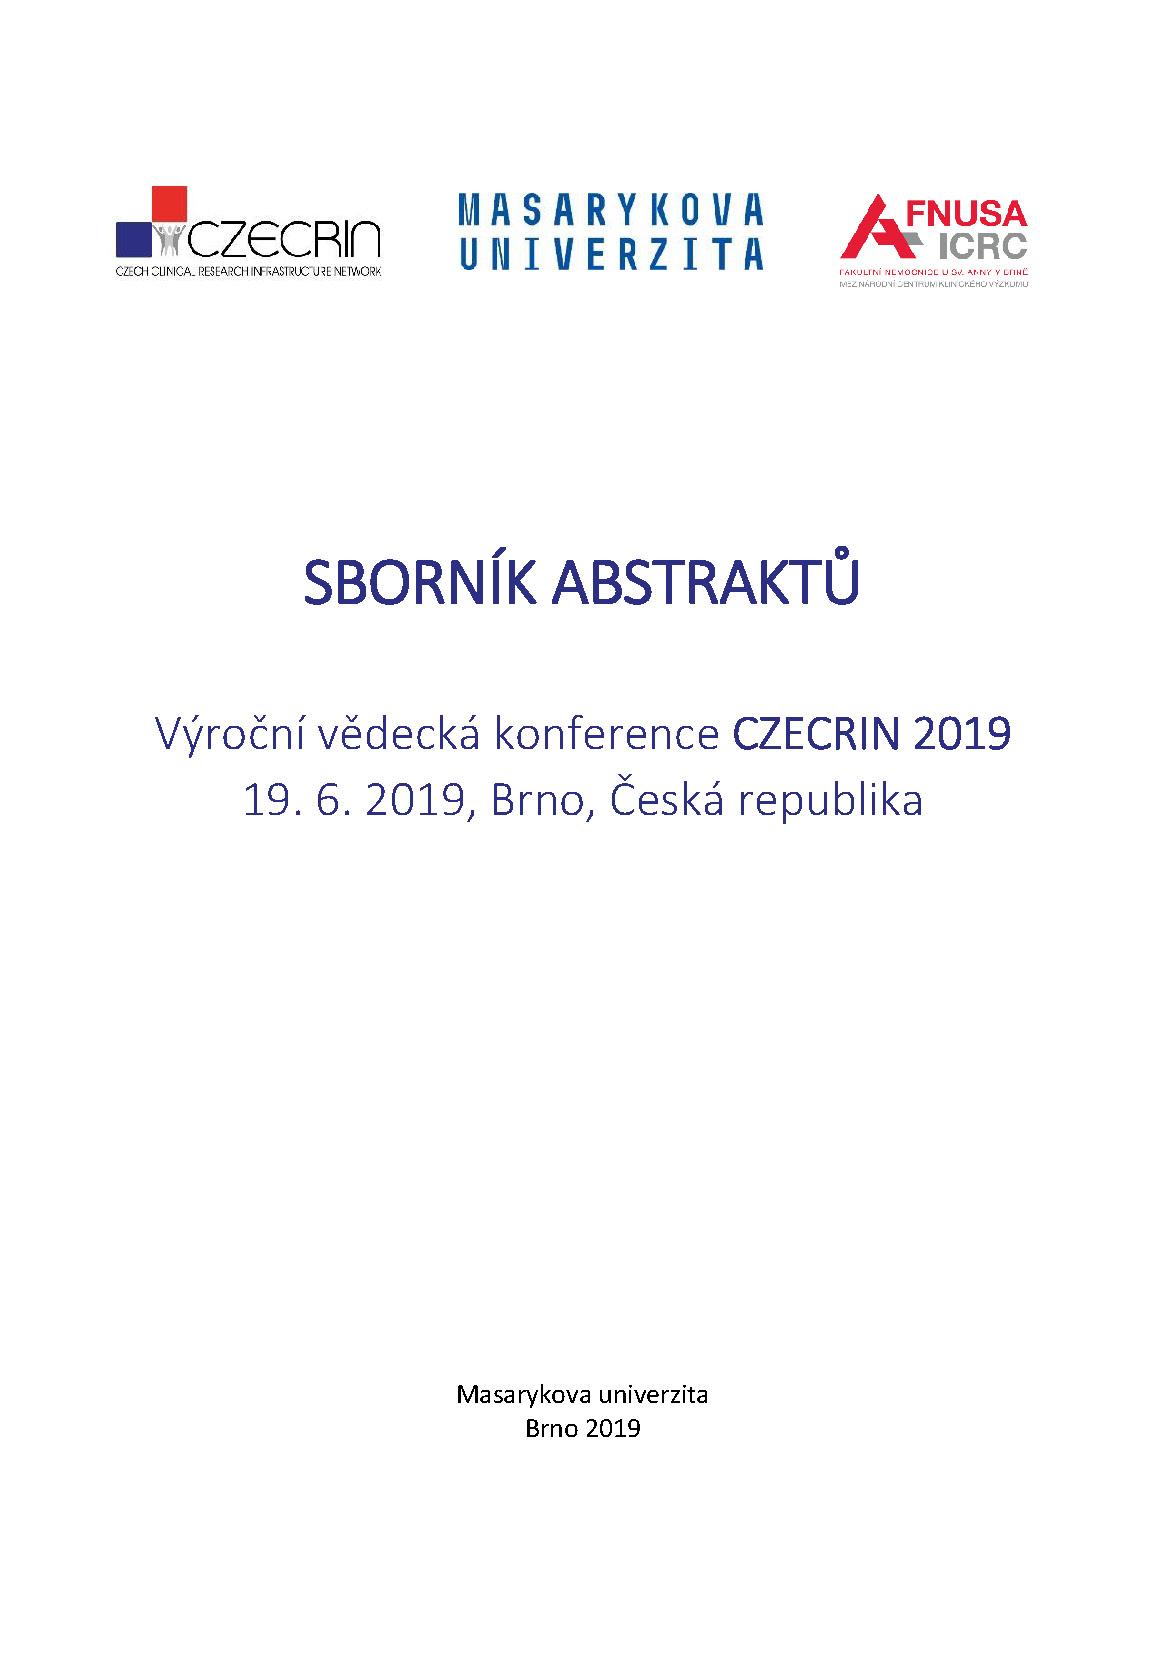 Obálka pro Výroční vědecká konference CZECRIN 2019. Sborník abstraktů